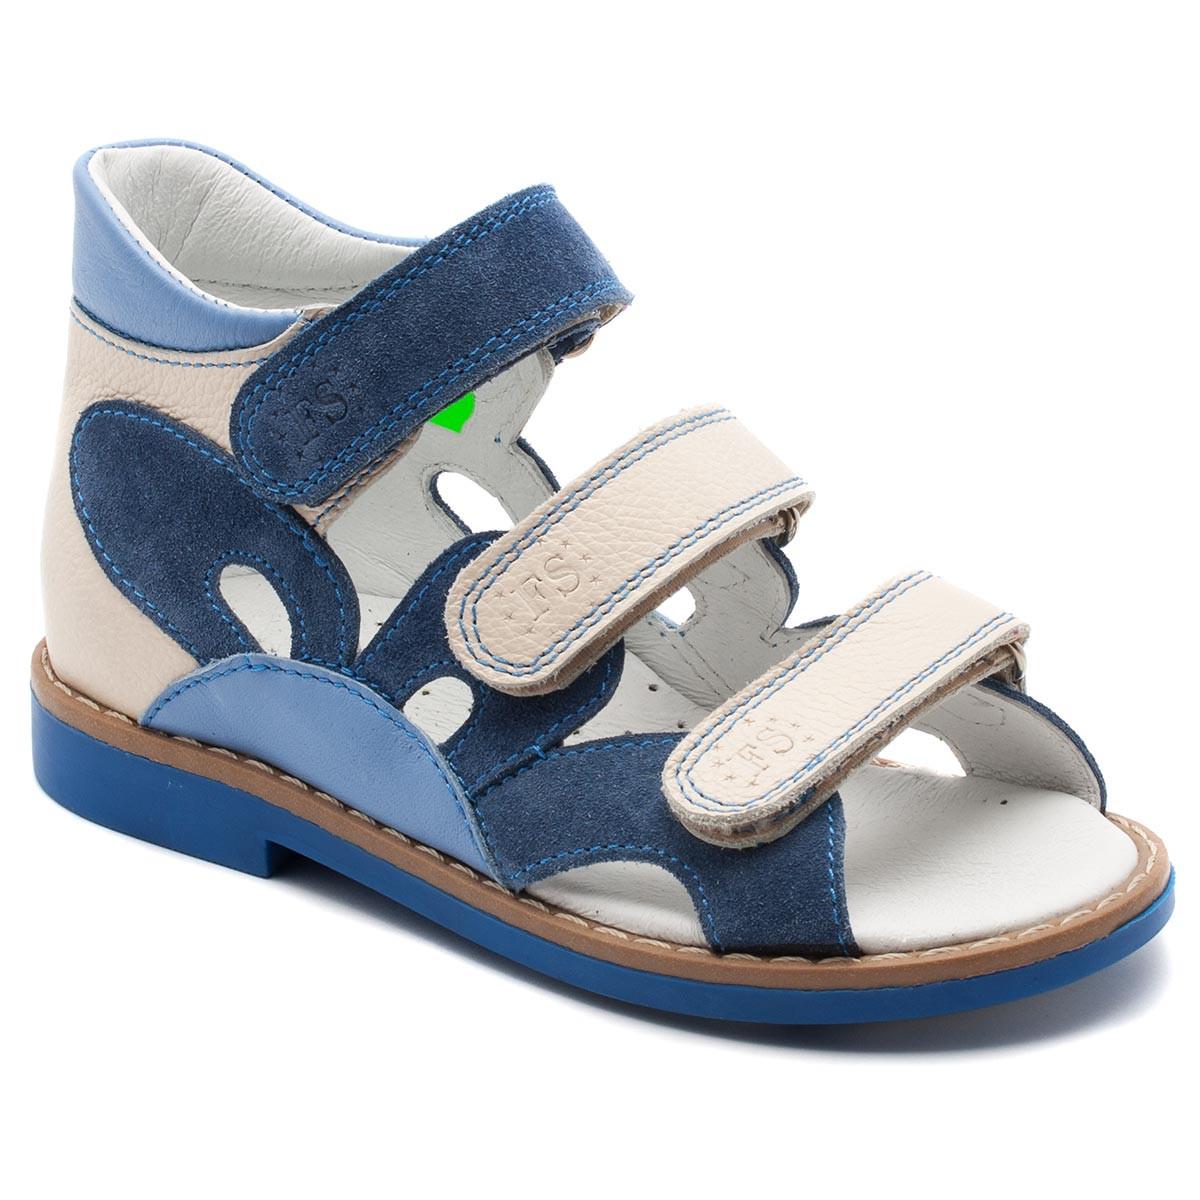 Ортопедические босоножки FS Сollection для девочки, синие, размер 20-30